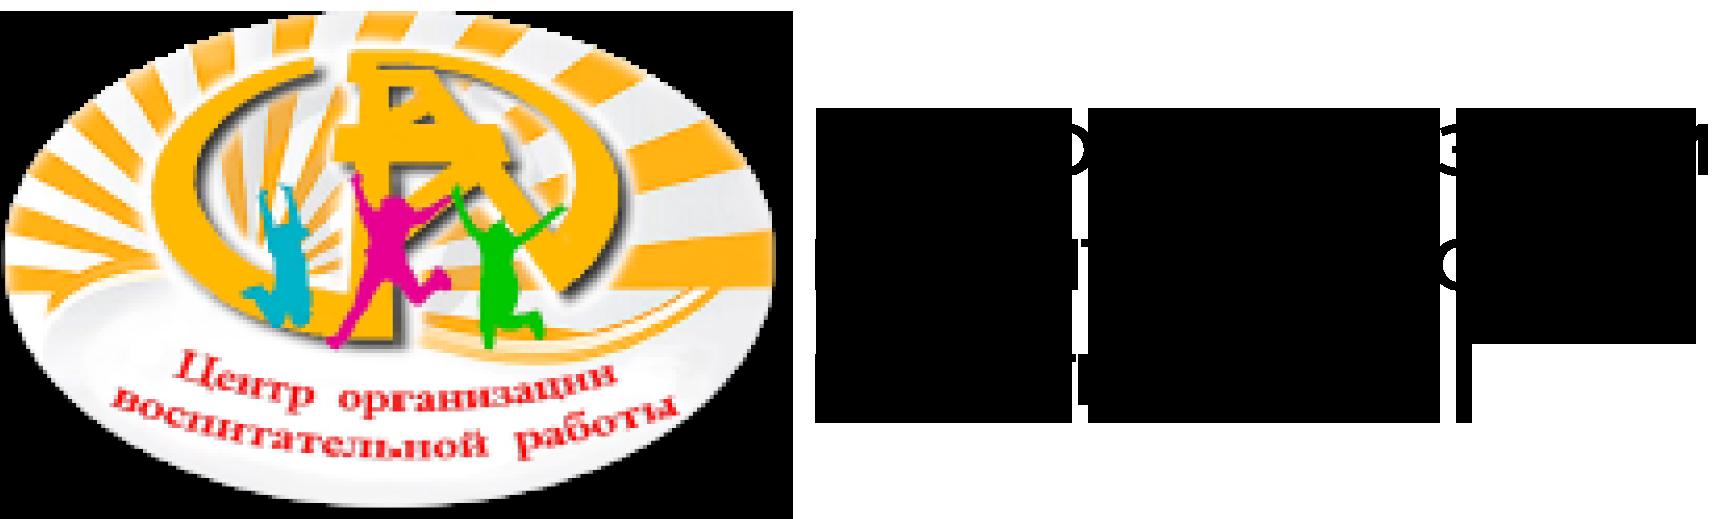 Центр организации воспитательной работы